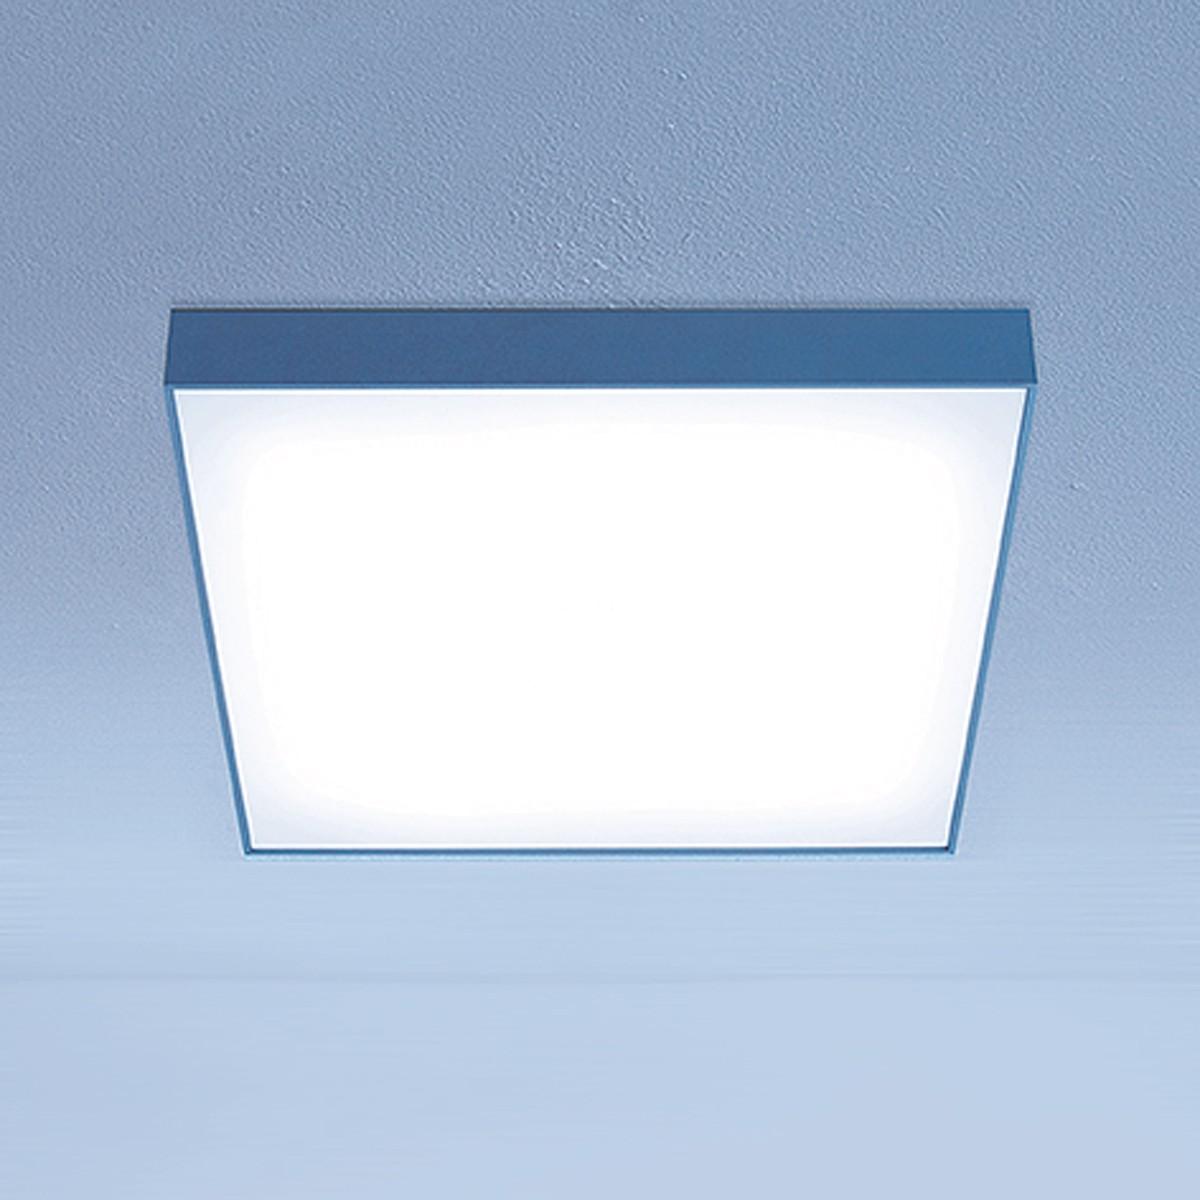 Lightnet Cubic-A2 Deckenleuchte, Mikroprismatik, 33 x 33 cm, Aluminium natureloxiert